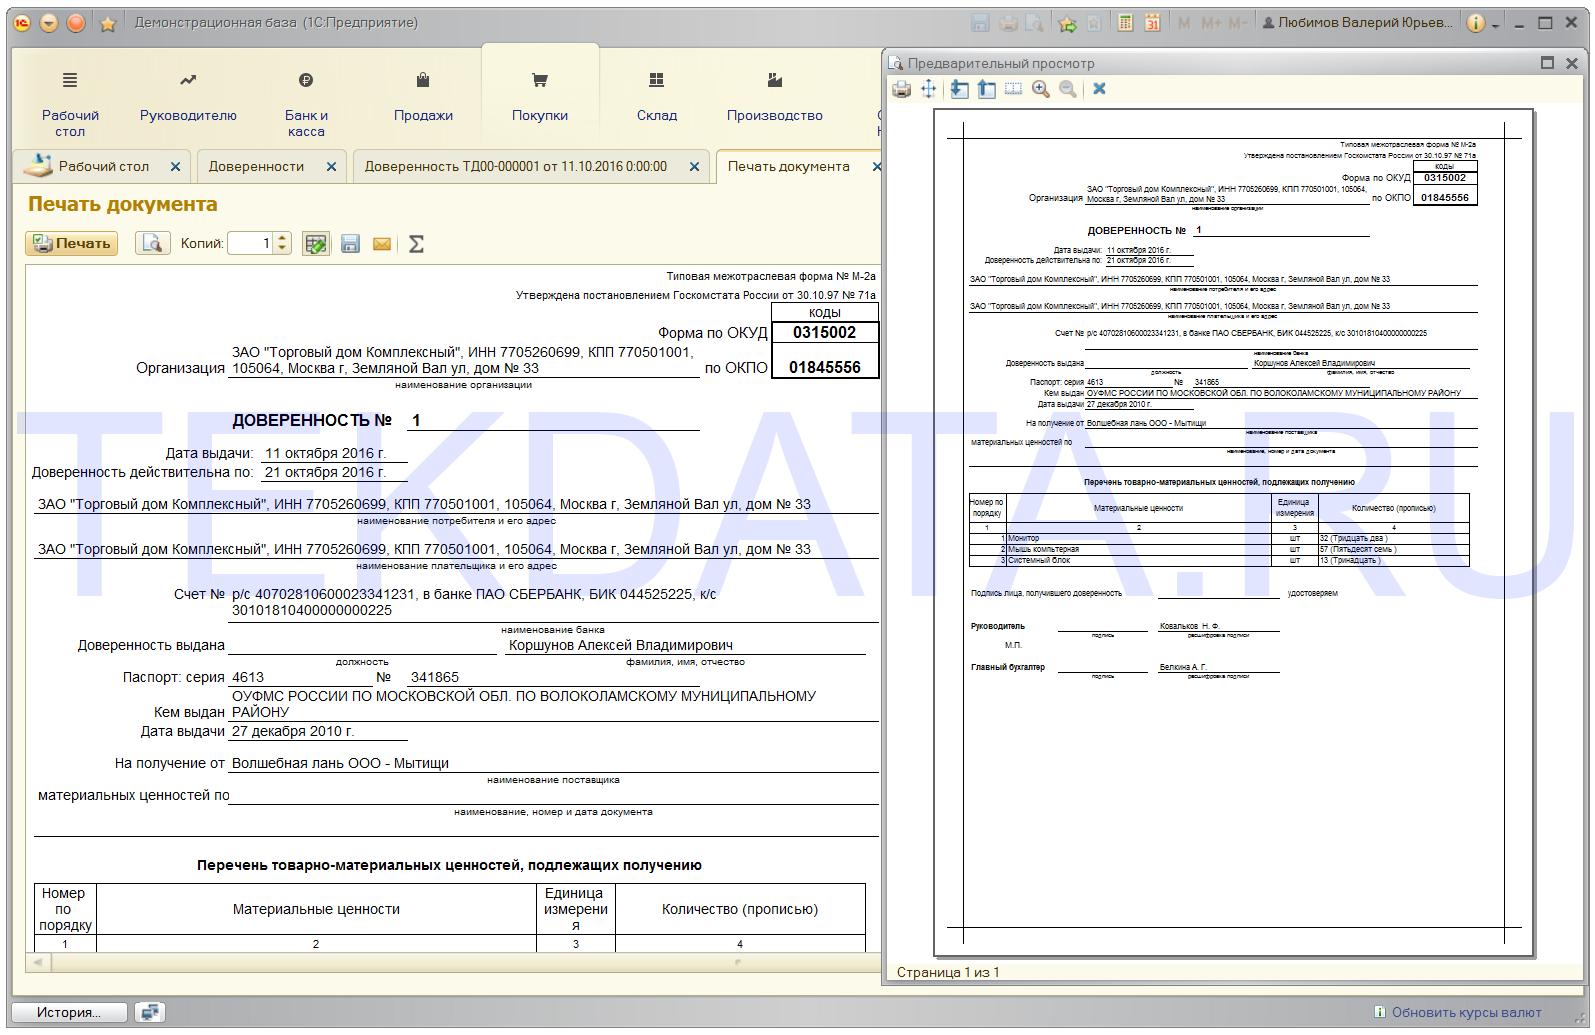 Доверенность М-2а в 1С Бухгалтерия 3.0 (рис.2) | tekdata.ru